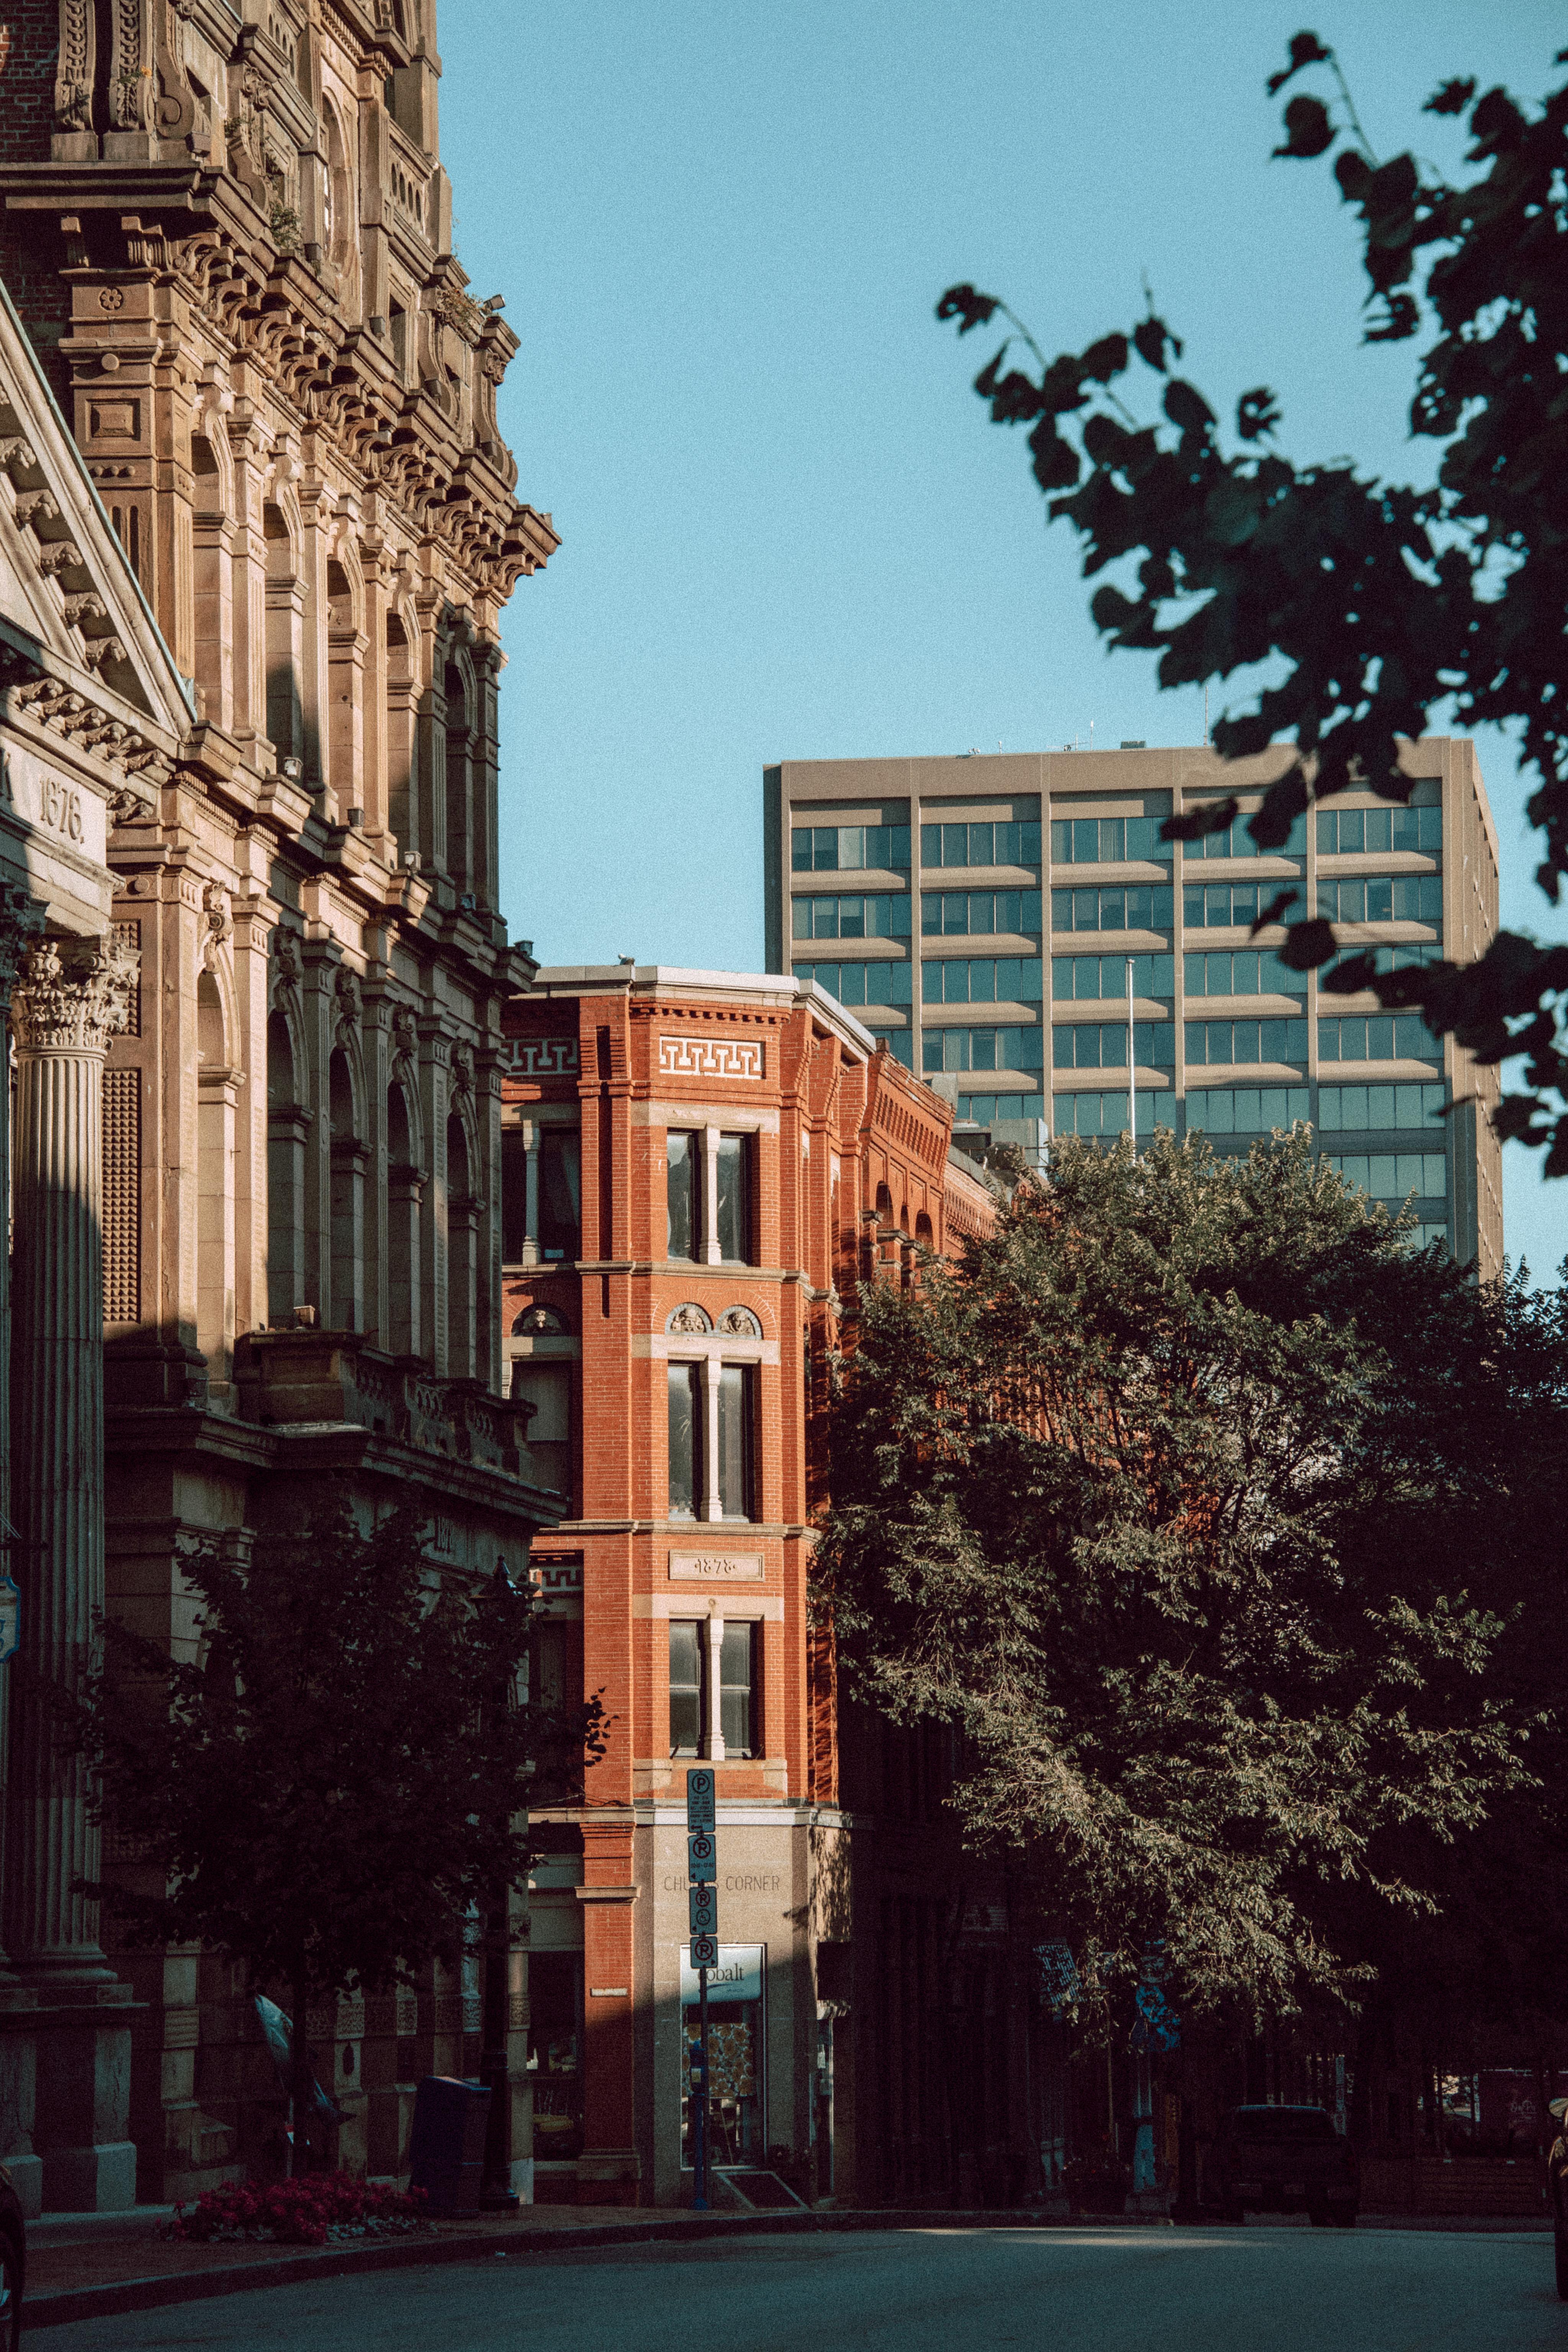 Prince William Street Buildings Vertical